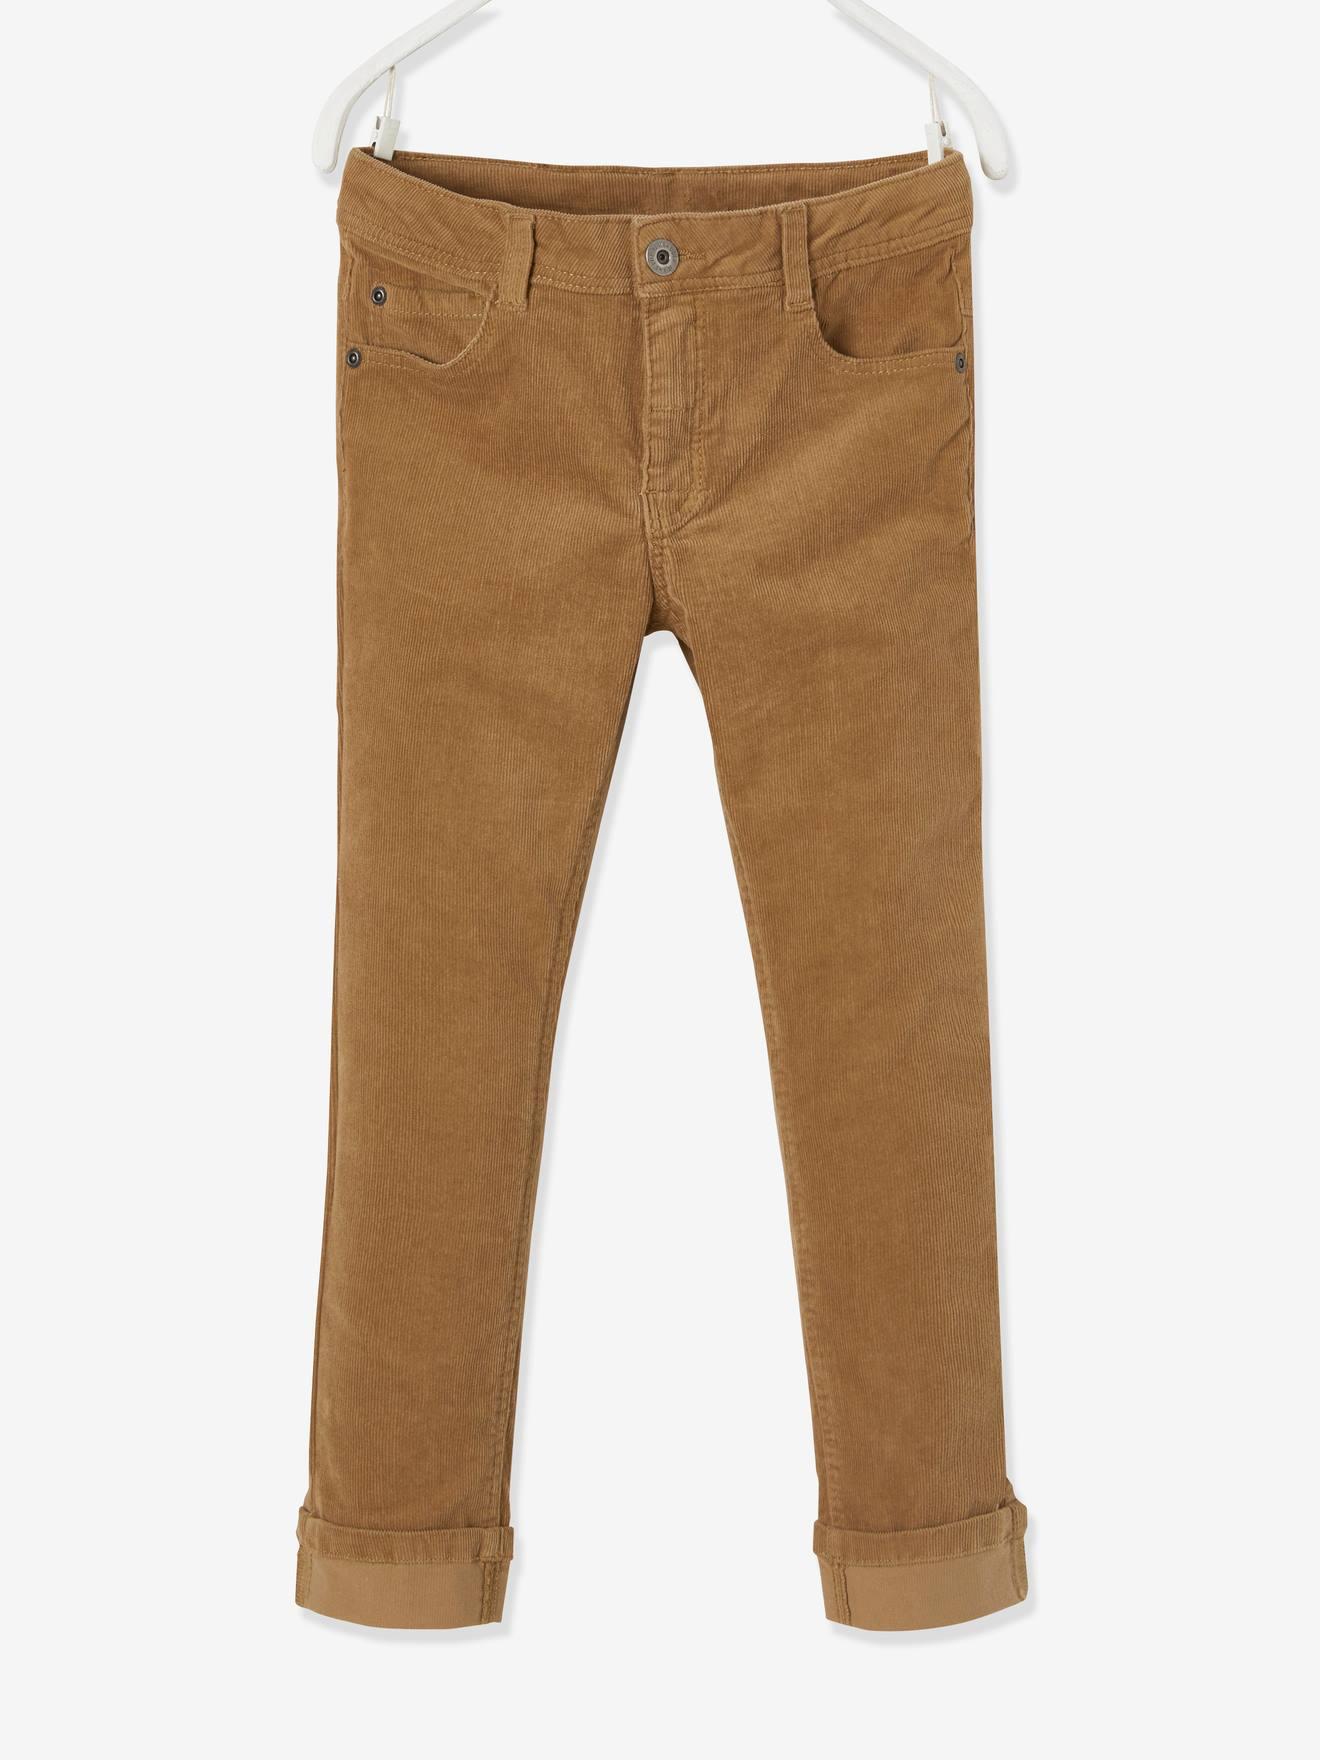 Pantalon Slim De Pana Para Nino Azul Oscuro Liso Con Motivos Vertbaudet